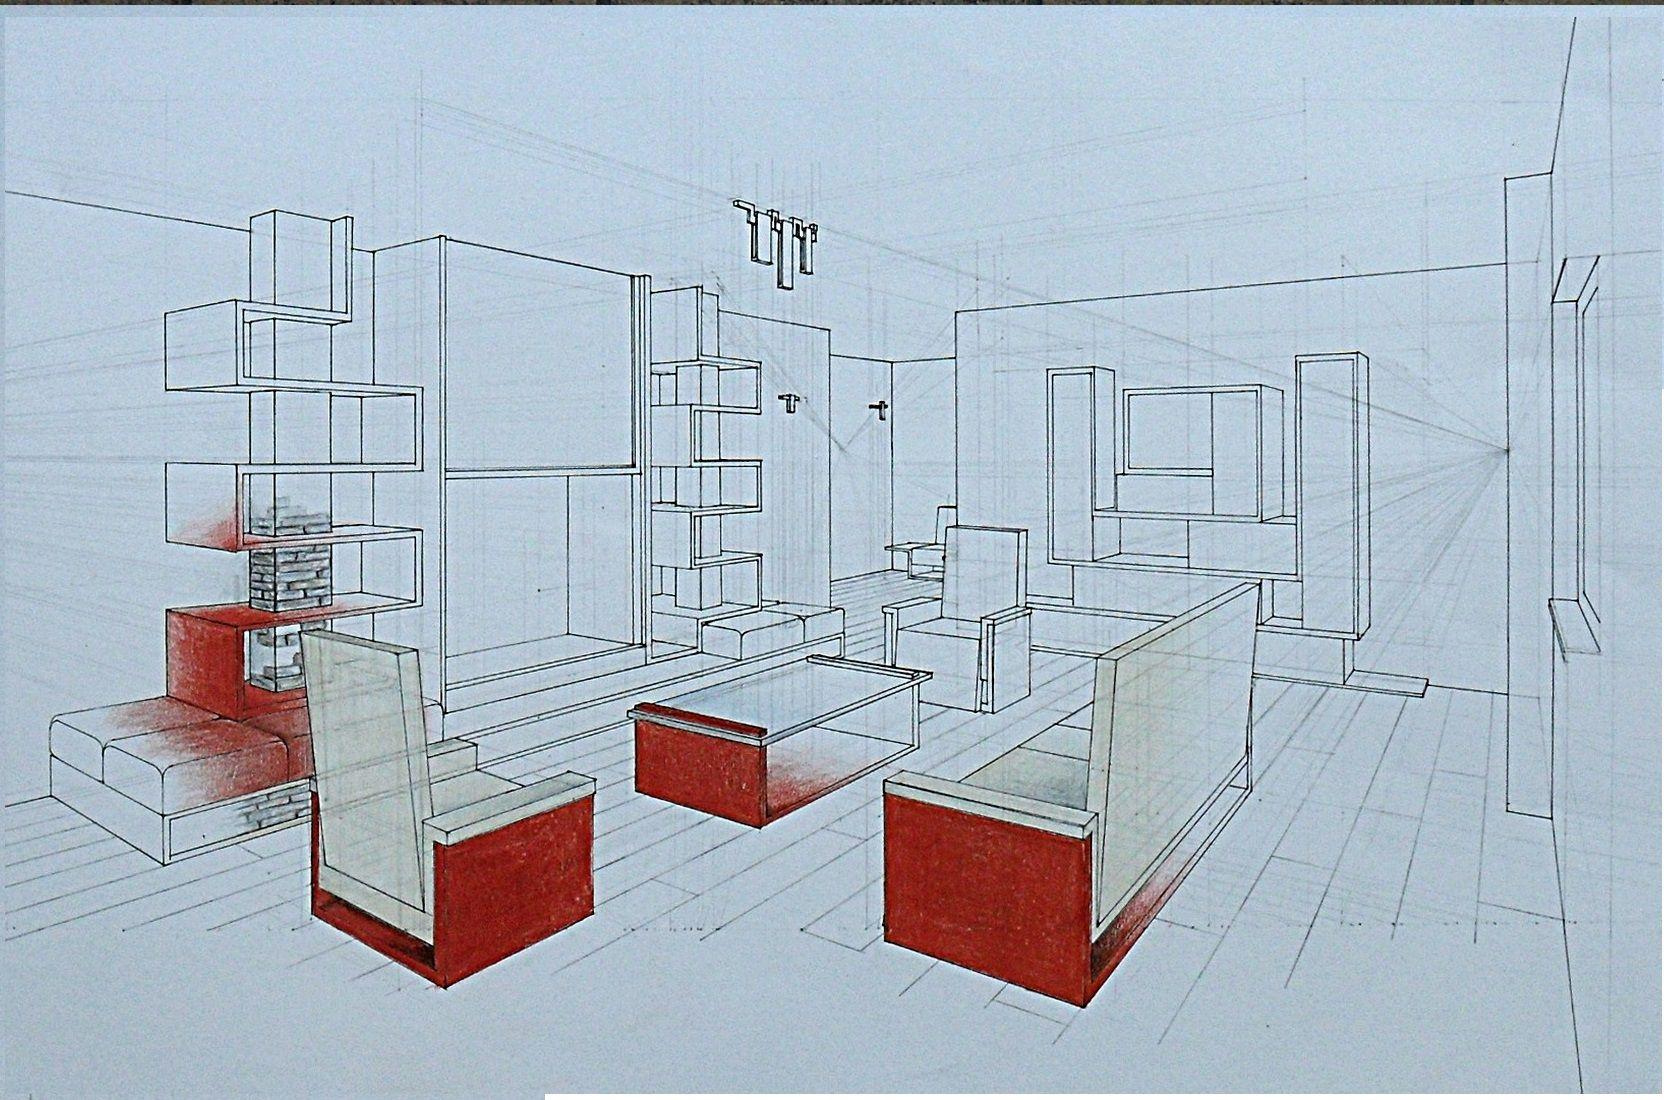 Prospettiva accidentale interno liceo artistico medardo for Disegno interno casa